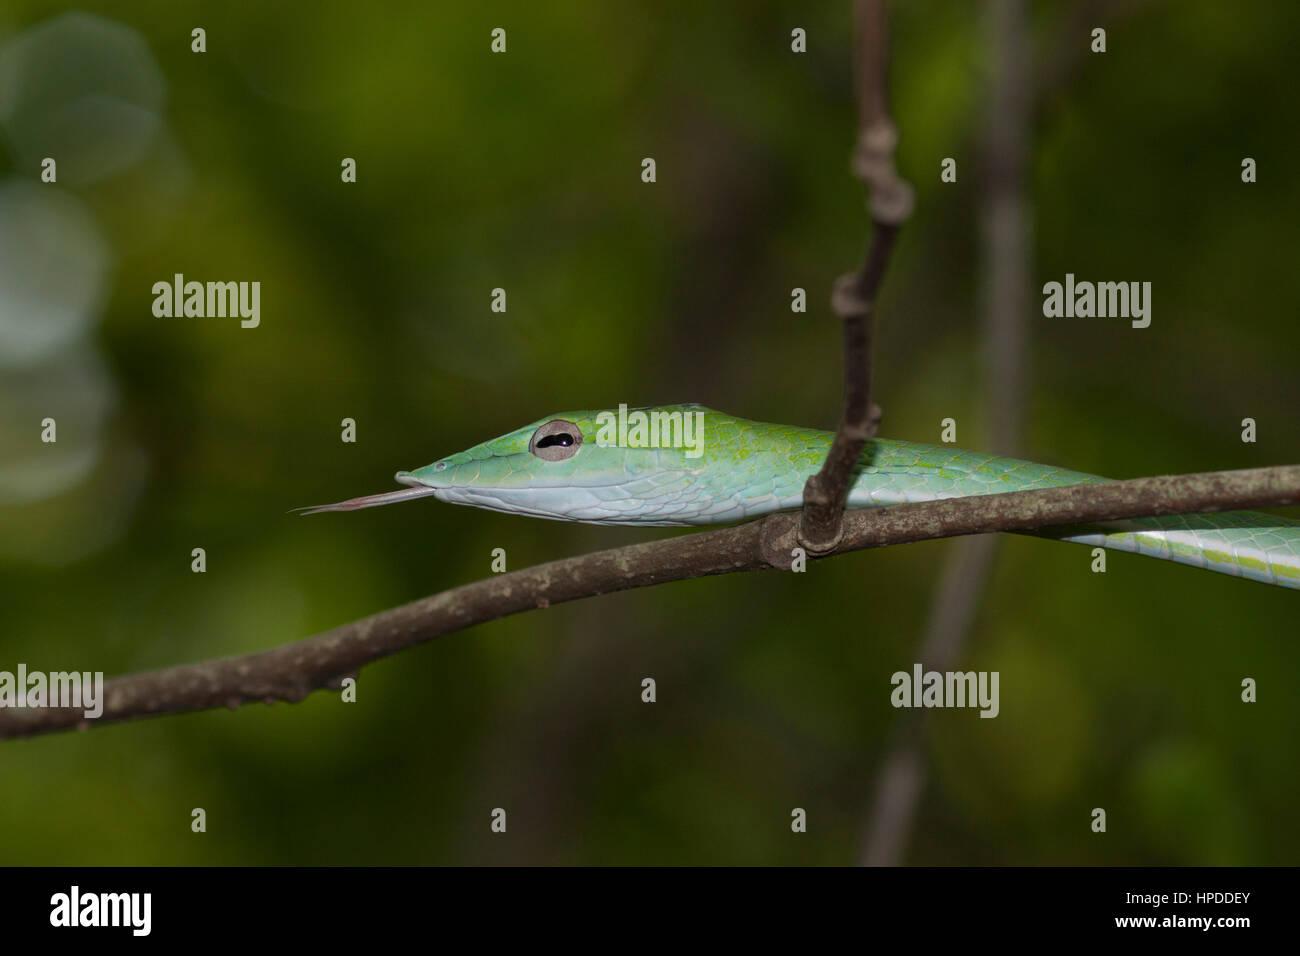 Serpent de vigne verte avec langue sur vigne dans l'habitat naturel Banque D'Images